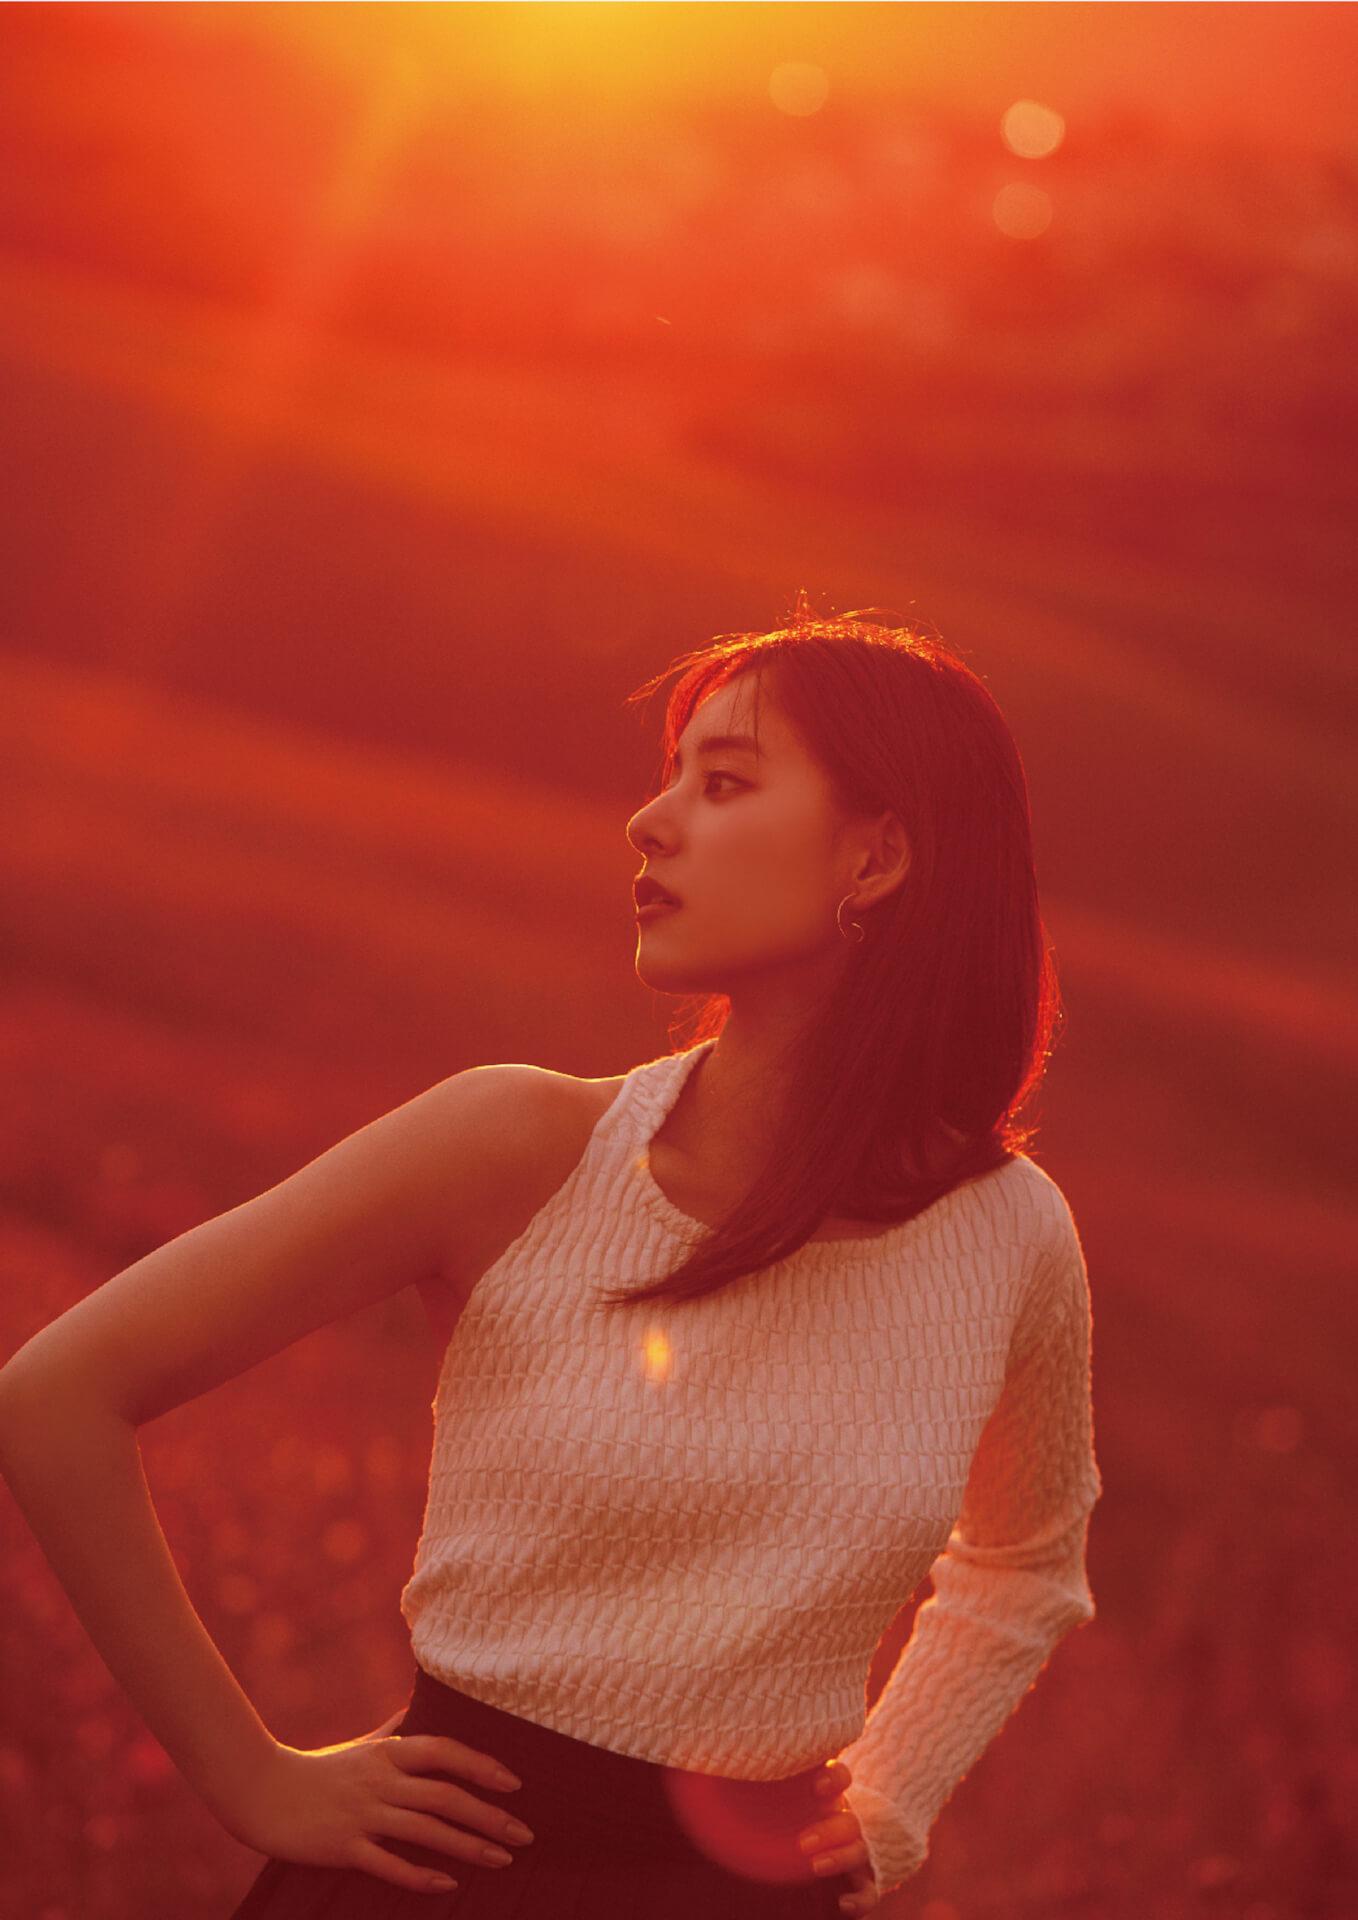 新木優子、2nd写真集『honey』で魅せた美しすぎる艶姿に注目|表紙イメージ&収録カット解禁 art190917_arakiyuko_1